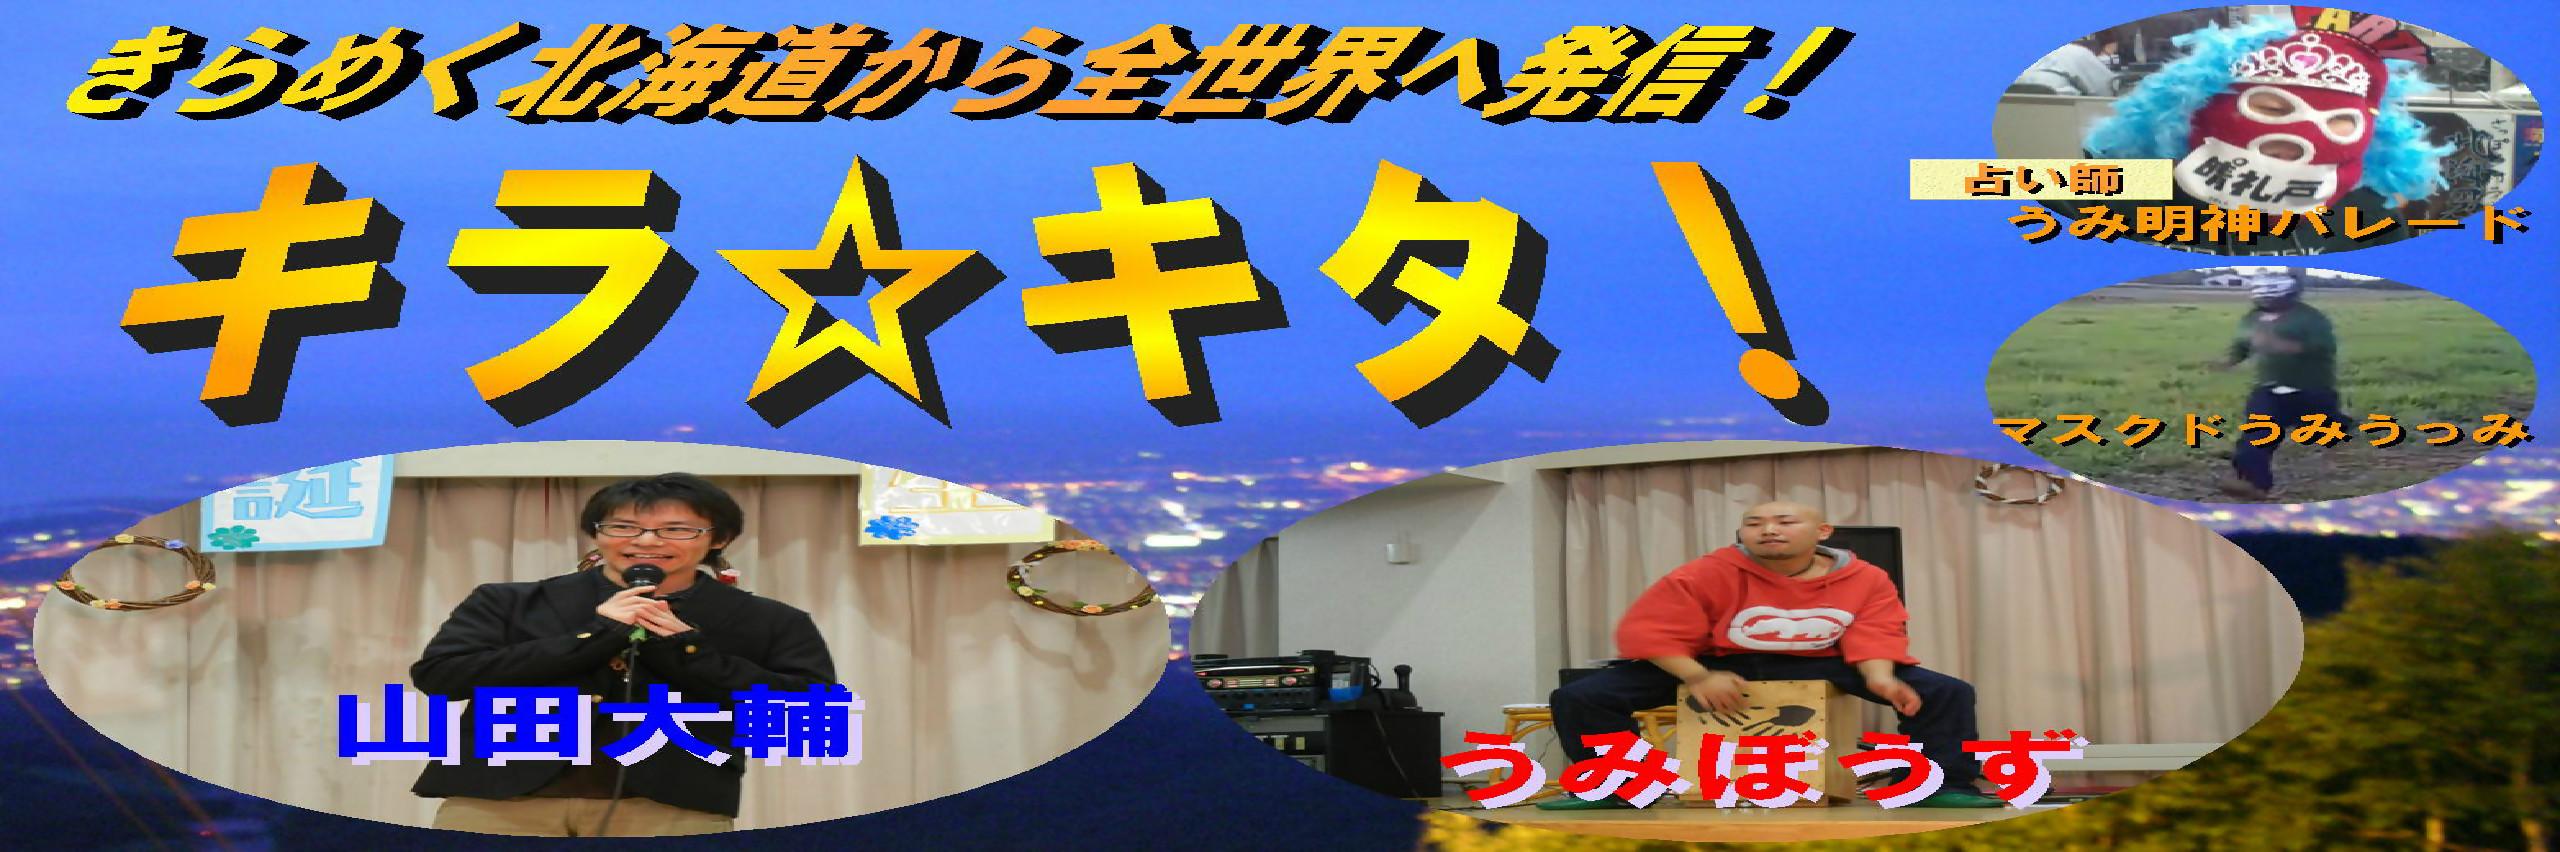 キラ☆キタ! FMさっぽろ村ラジオ(81.3MHz)